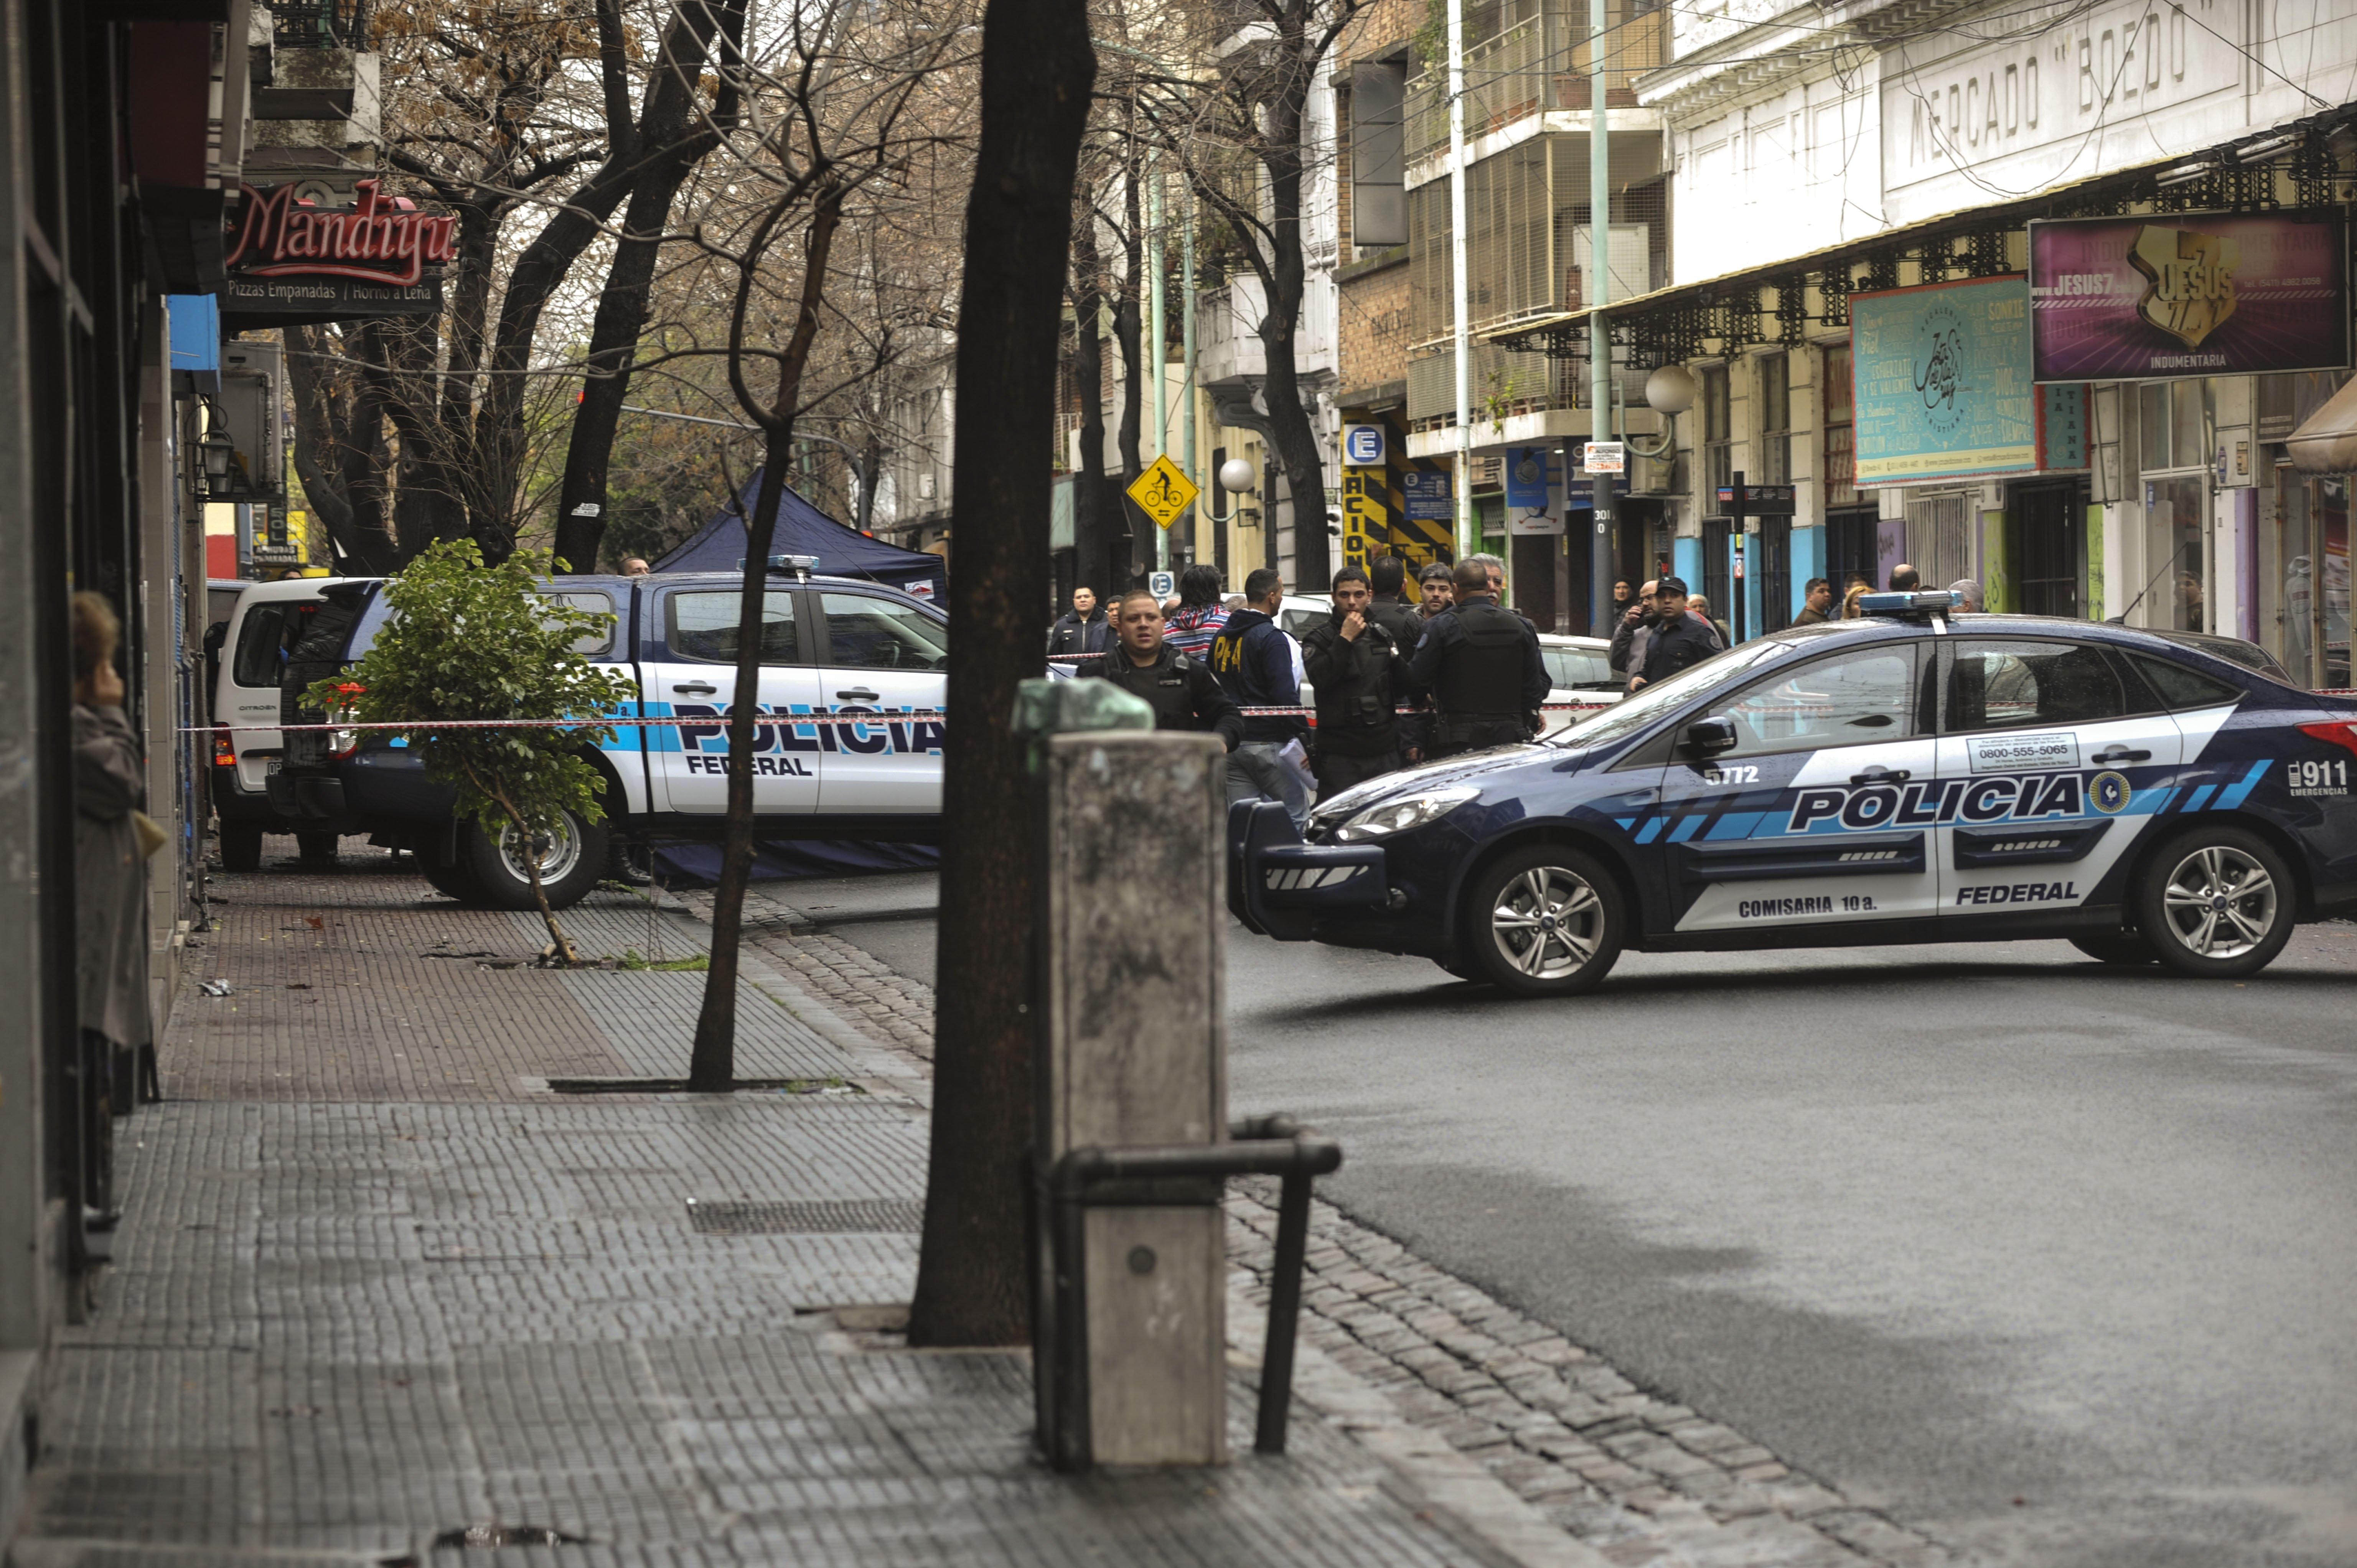 Los patrulleros se congregaron en el lugar.